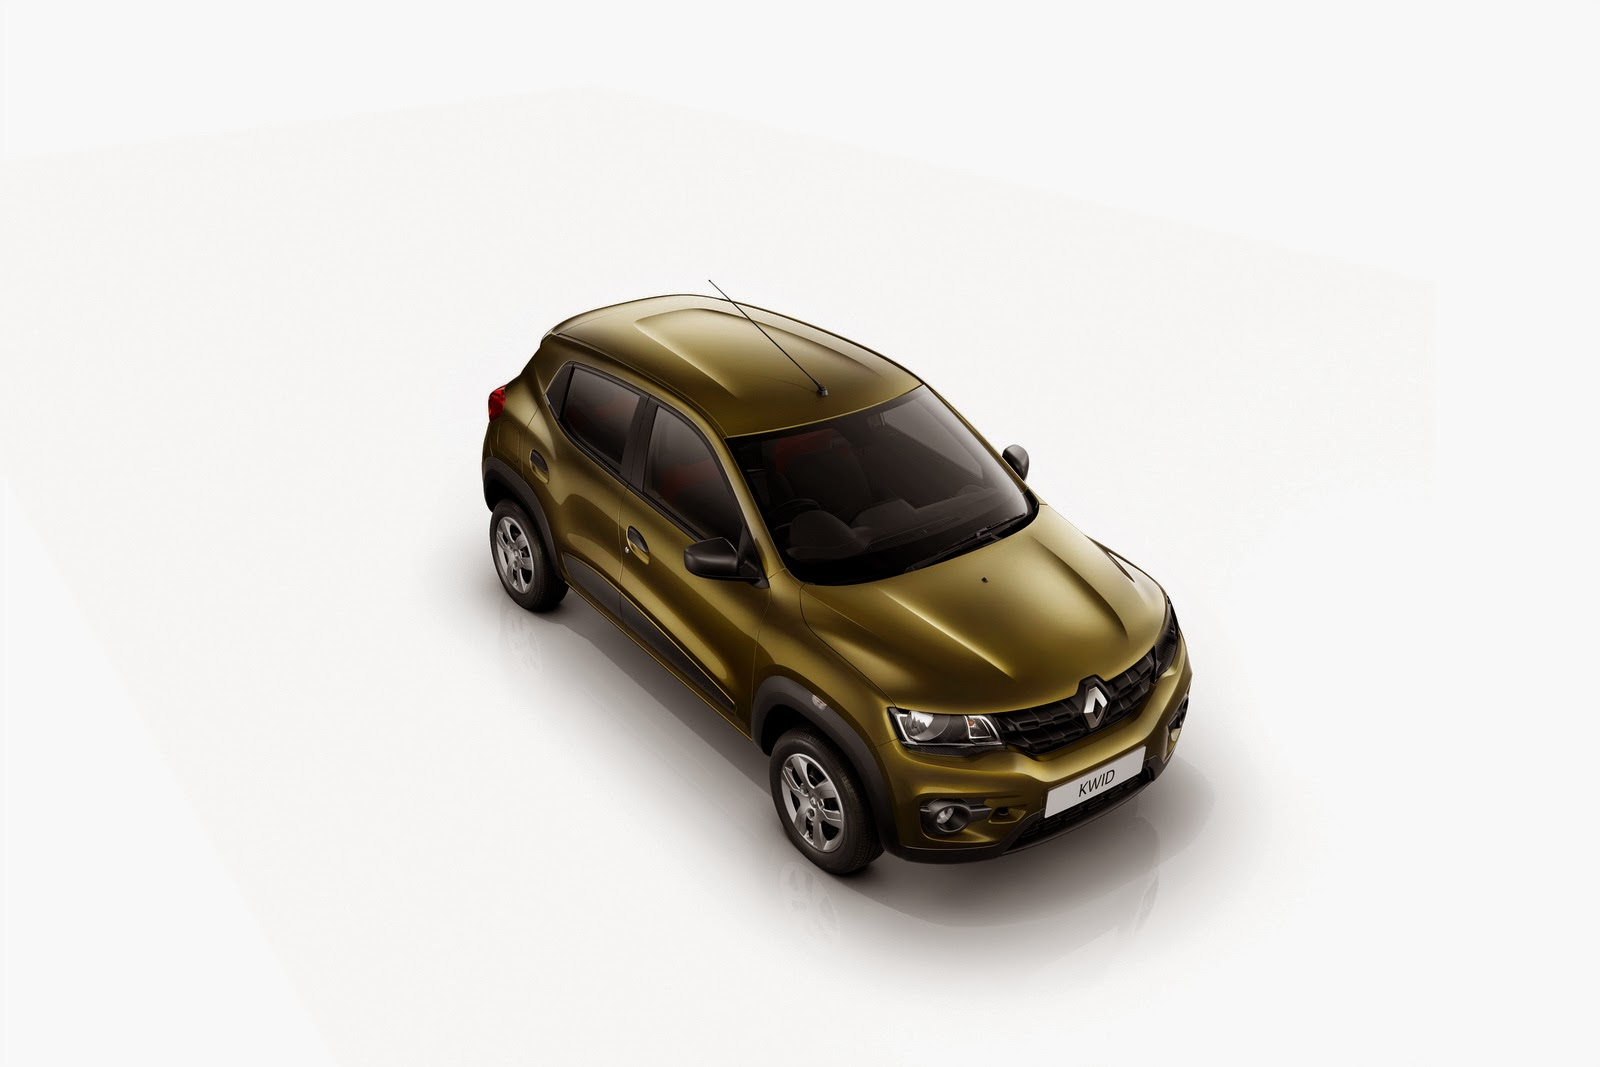 Nissan Juke'a Dacia'dan Rakip Geliyor - Sekiz Silindir